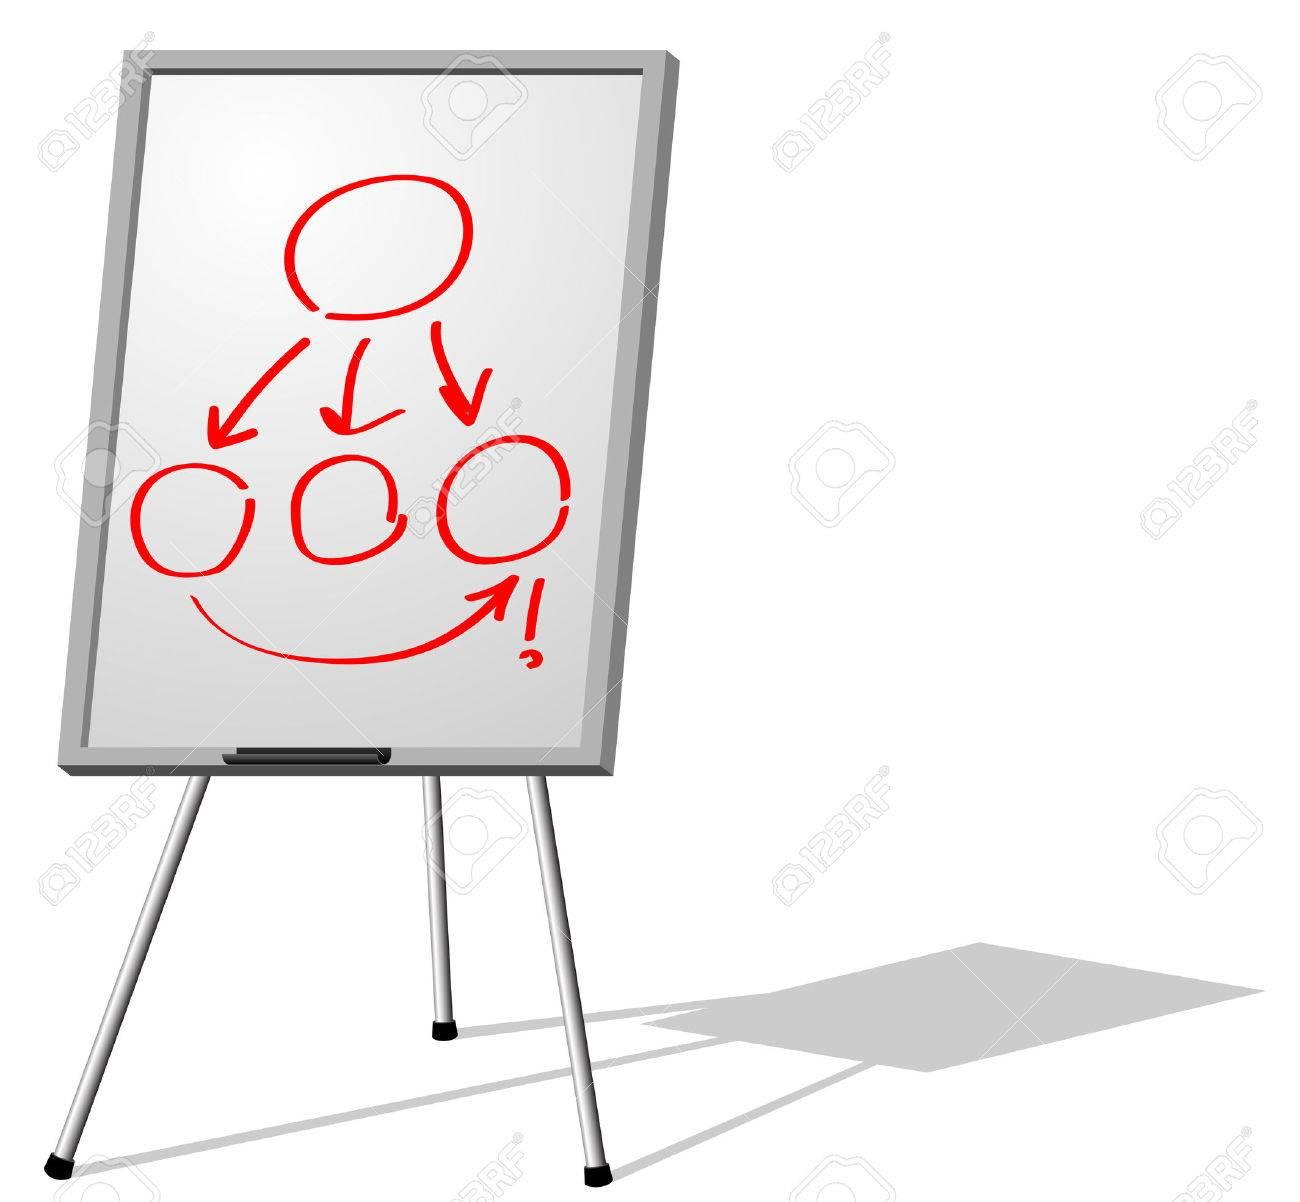 Illustration Vectorielle De Presentation Tableau Blanc Sur Trepied